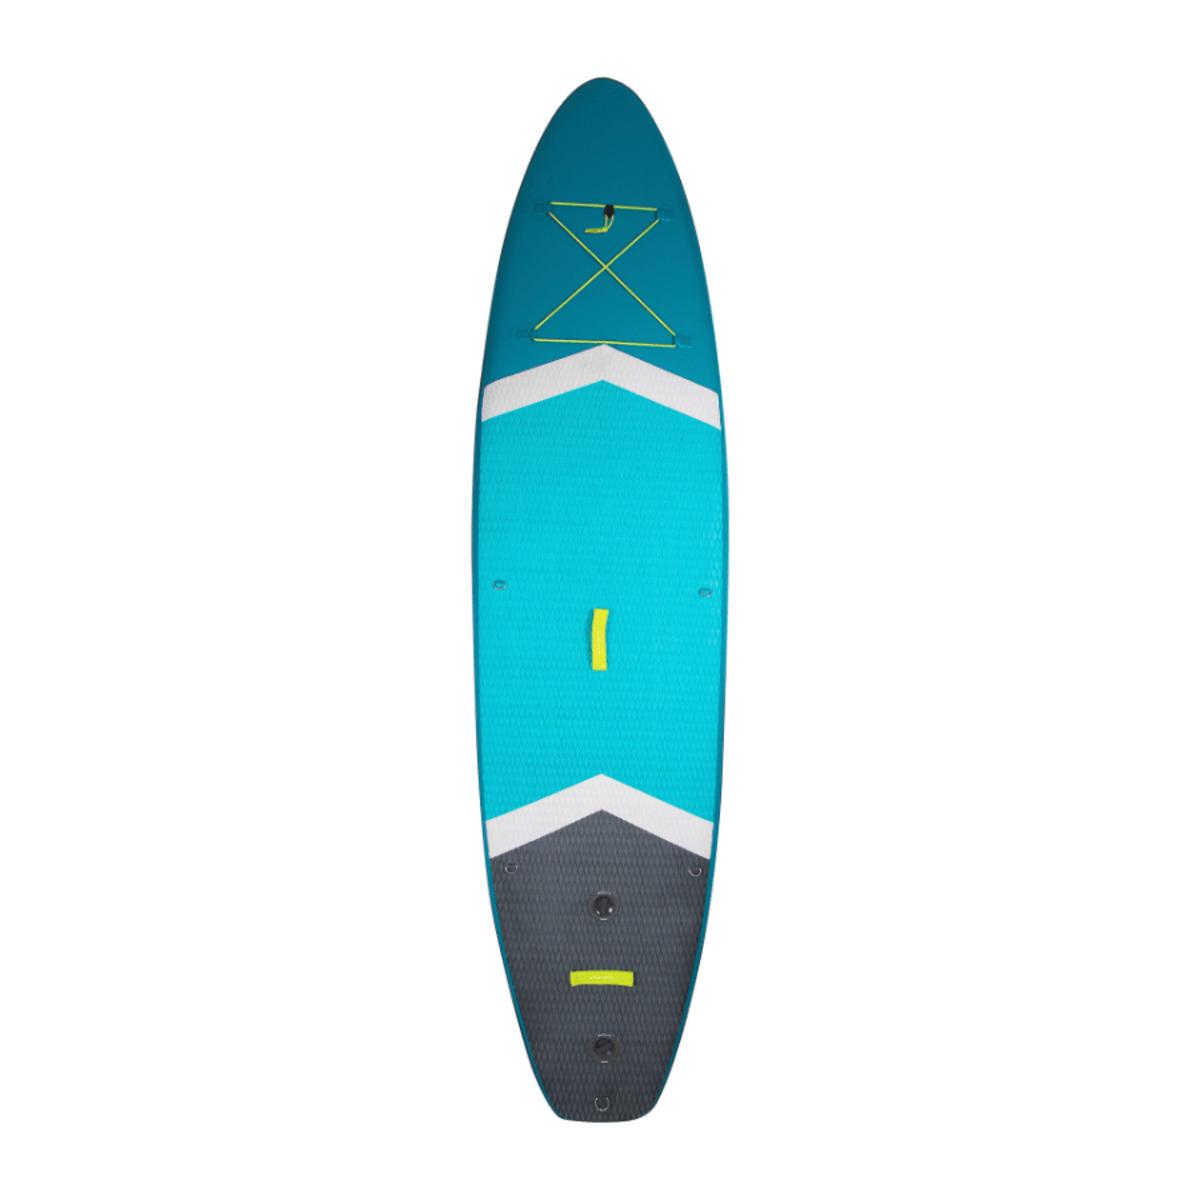 Bild 2 von ACTIVE TOUCH     Stand-up-Paddleboard-Set